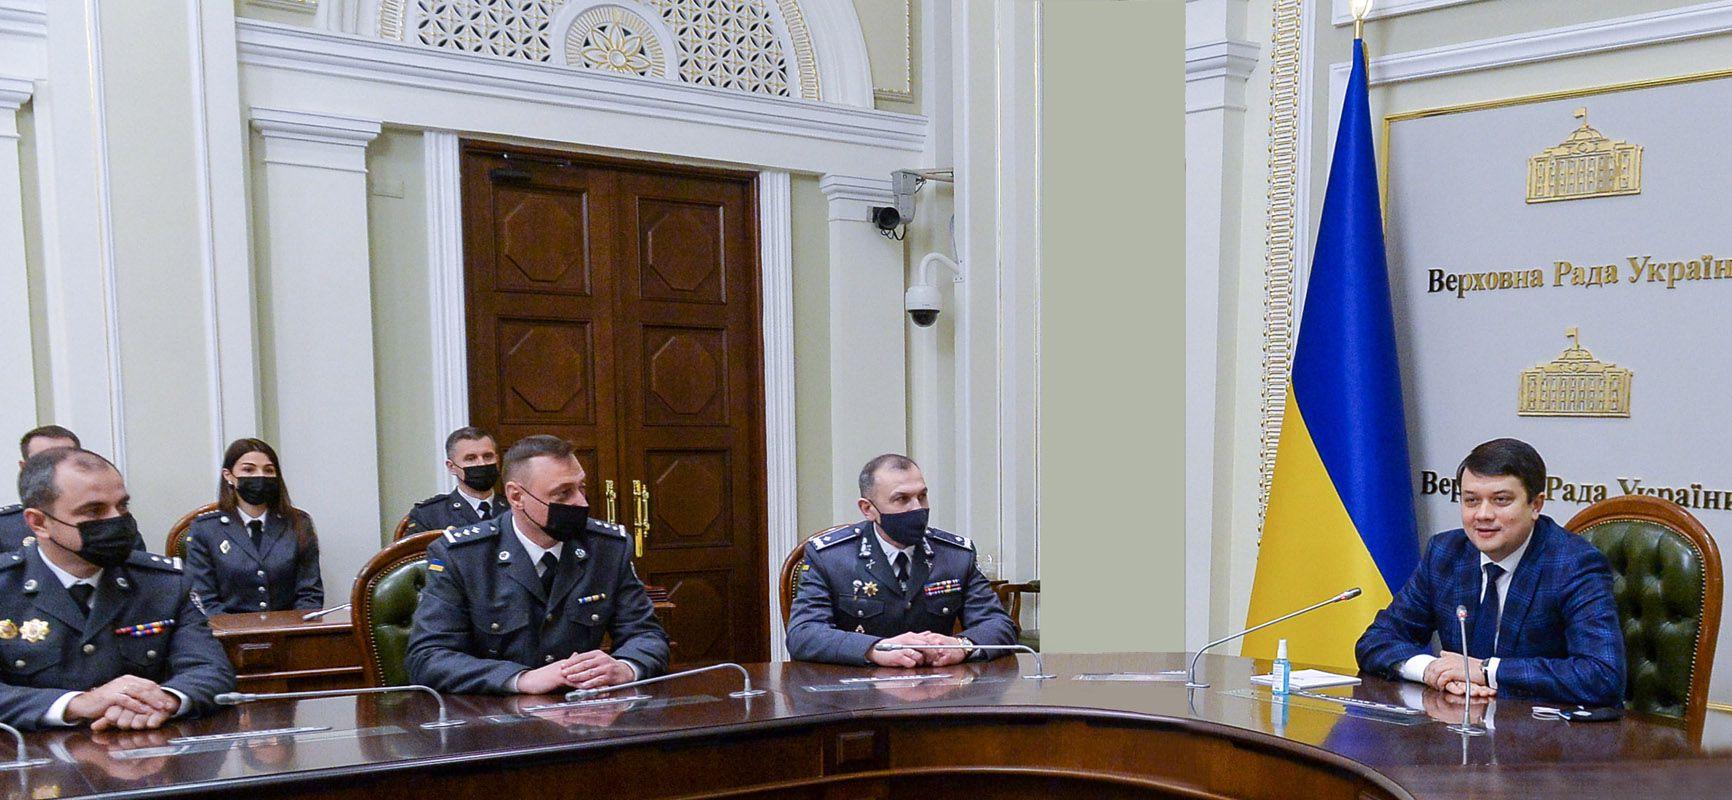 Дмитрий Разумков вручил знаки отличия парламента сотрудникам Управления государственной охраны